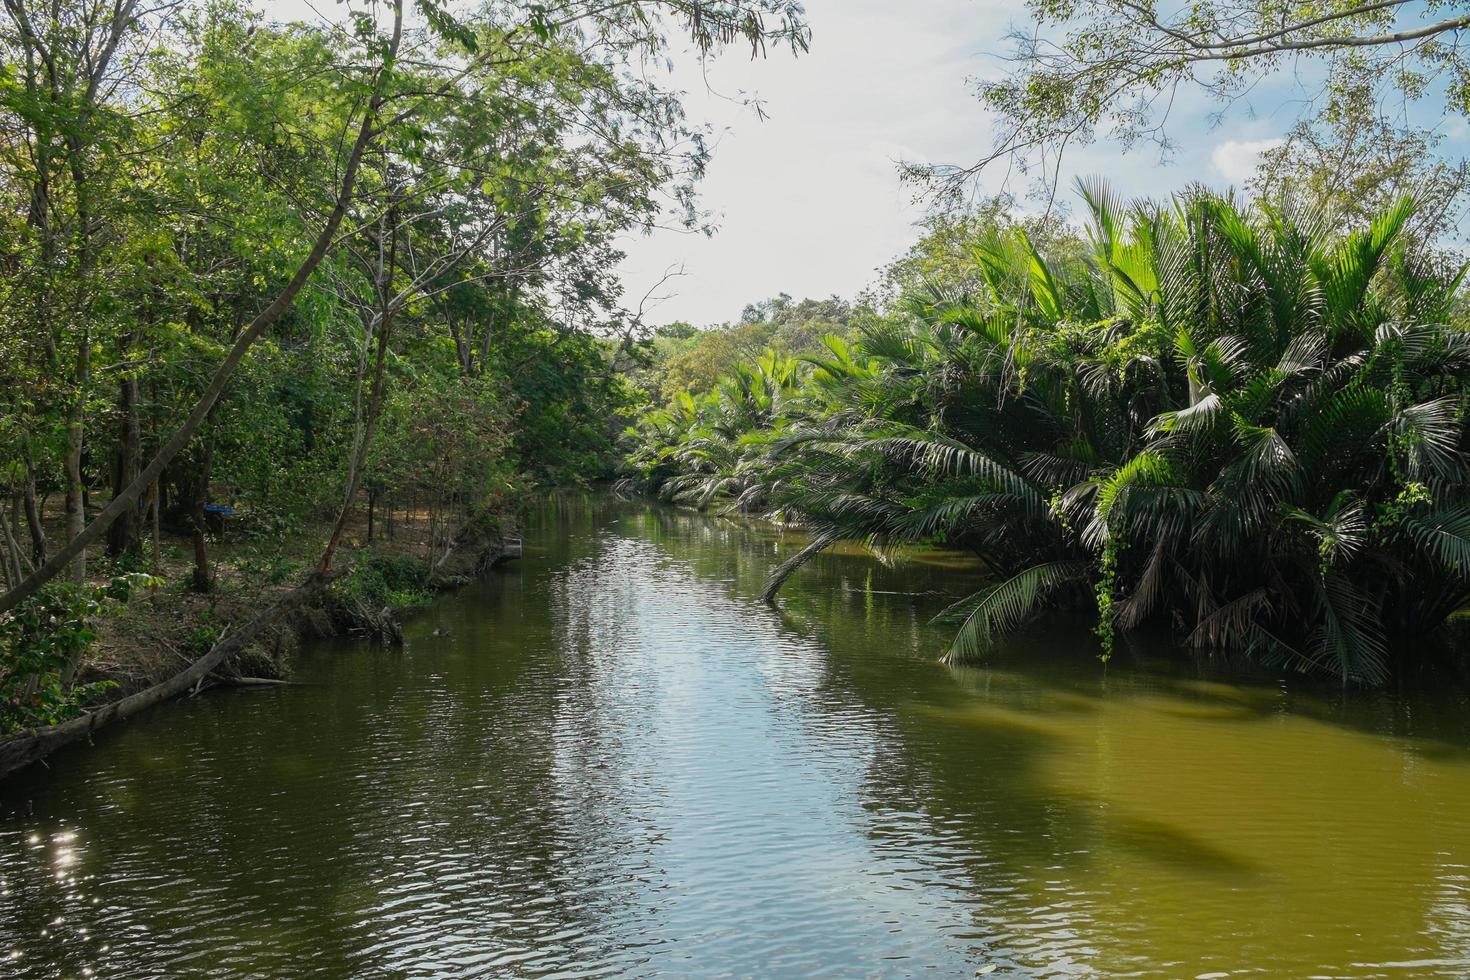 Bach fließt durch Nipa Palmenhain foto